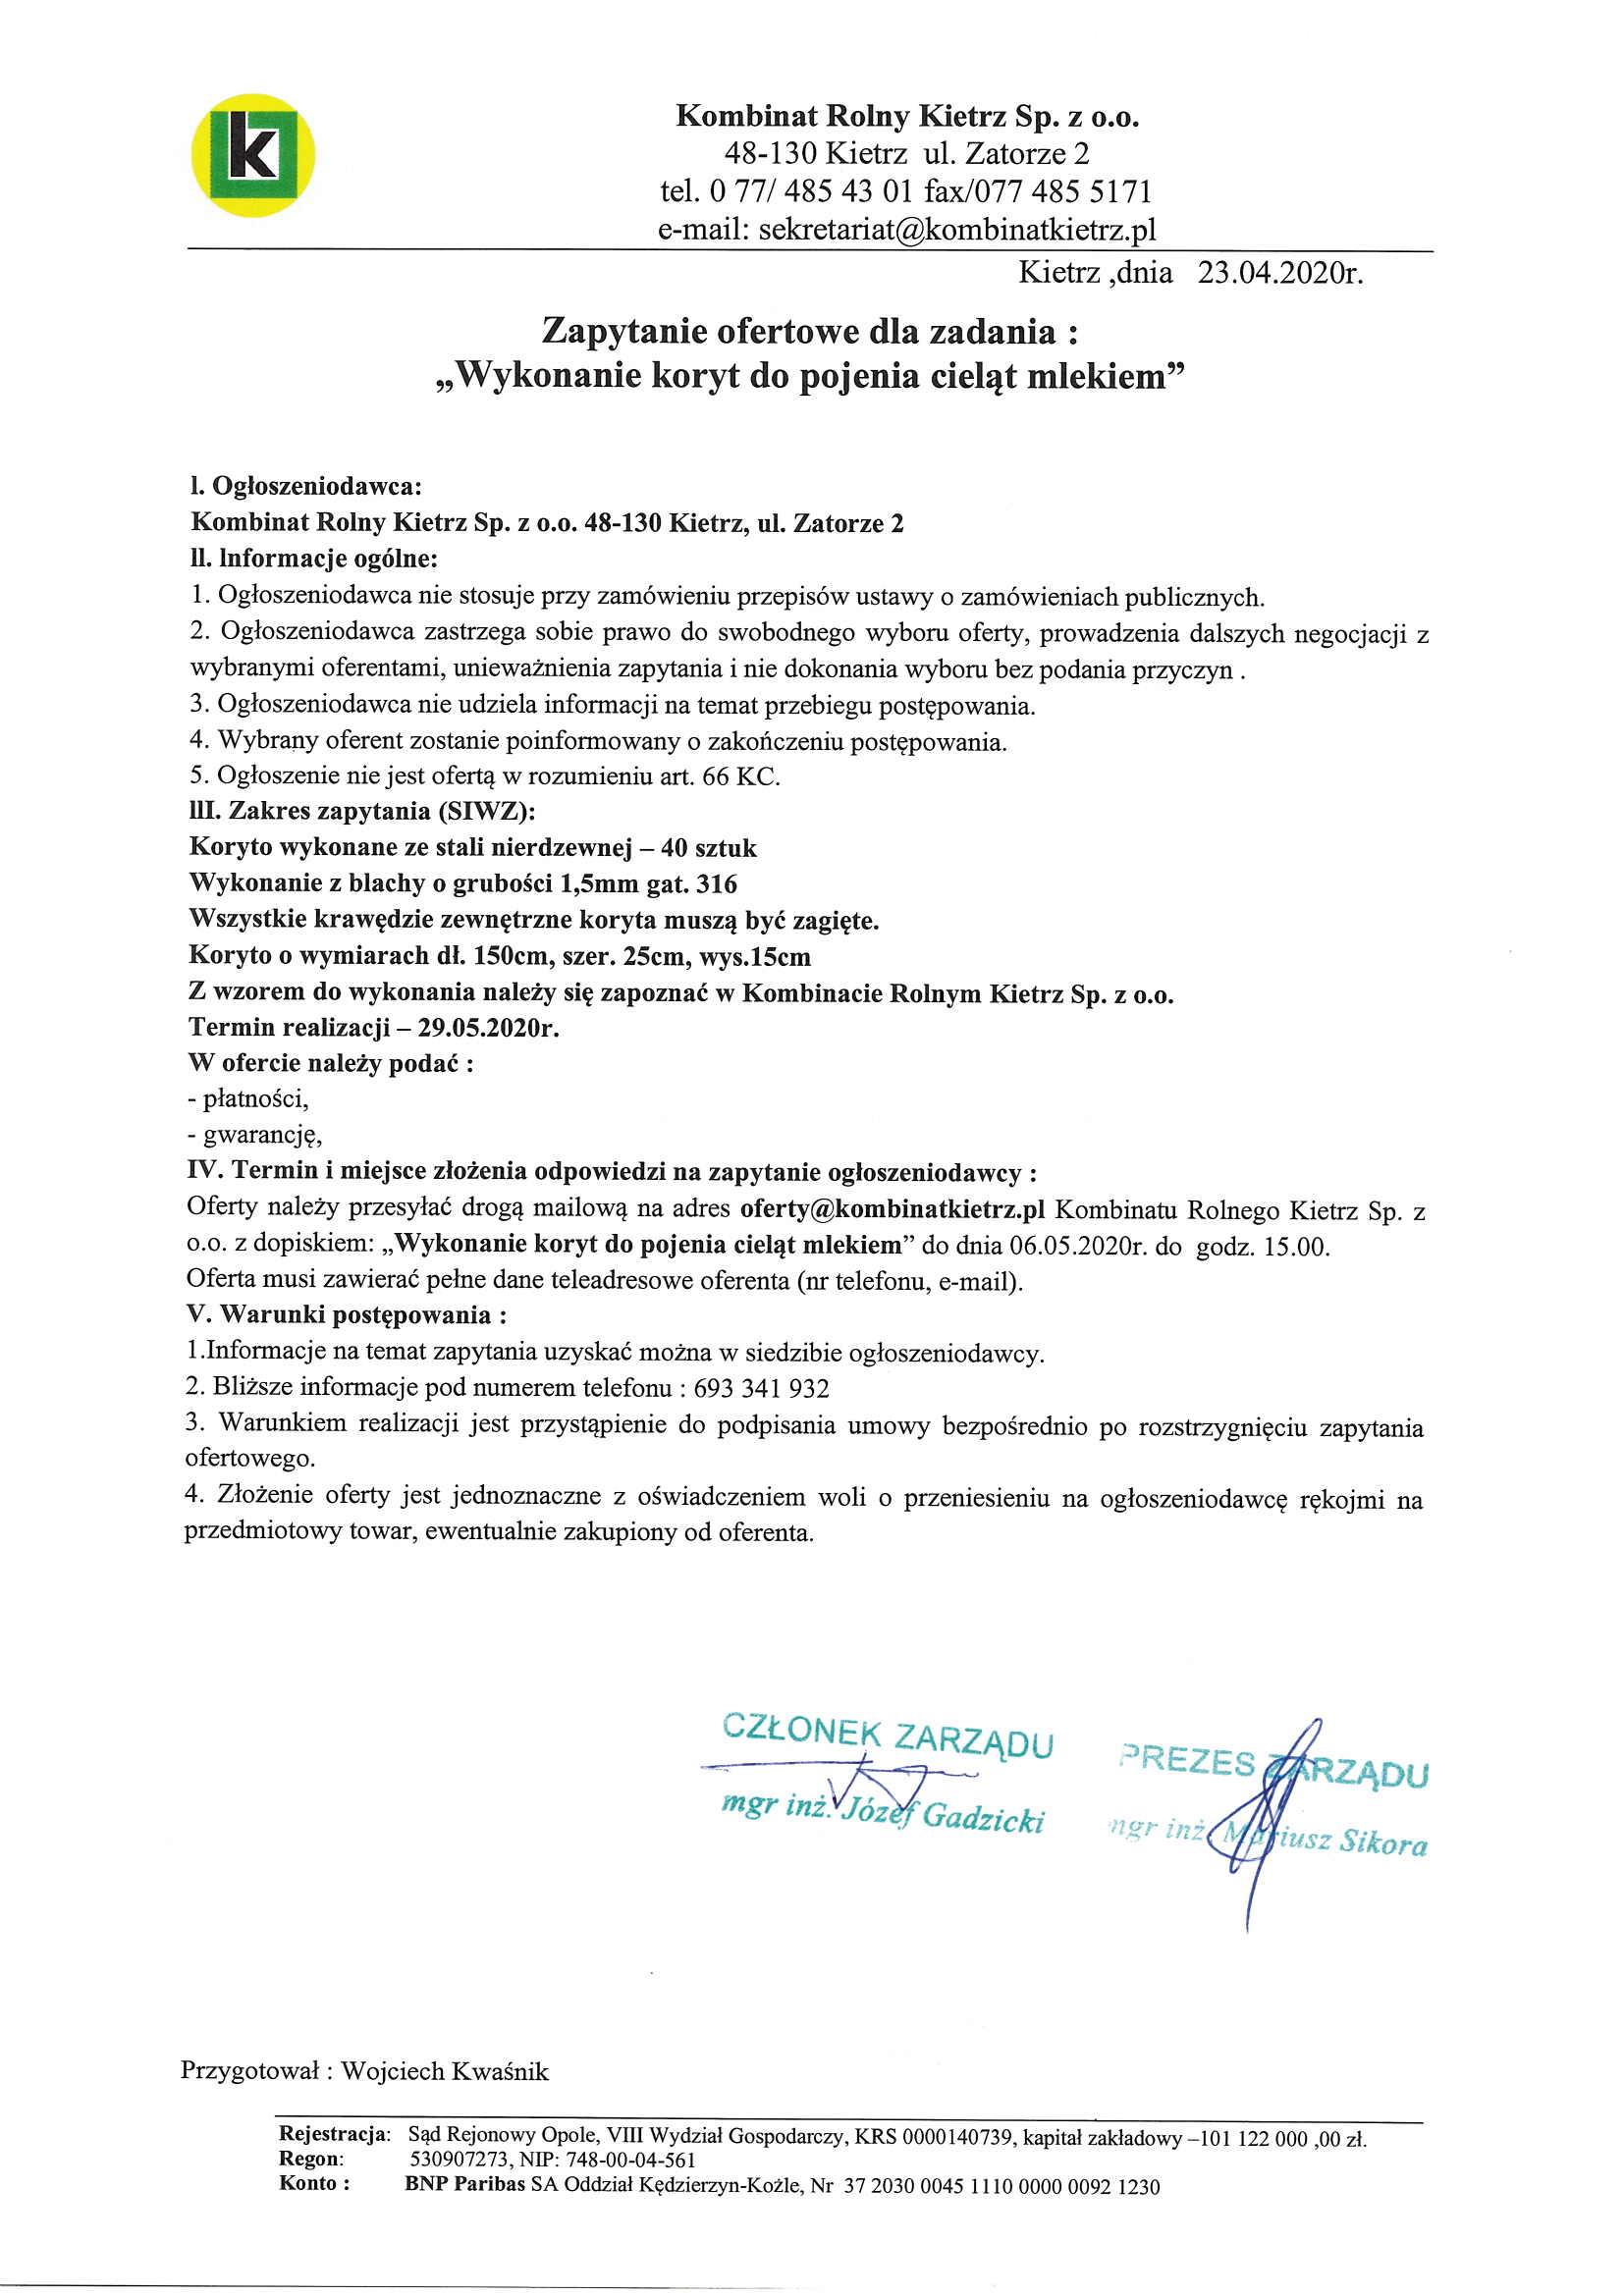 krkietrzsekretariatgmailcom-000jpg